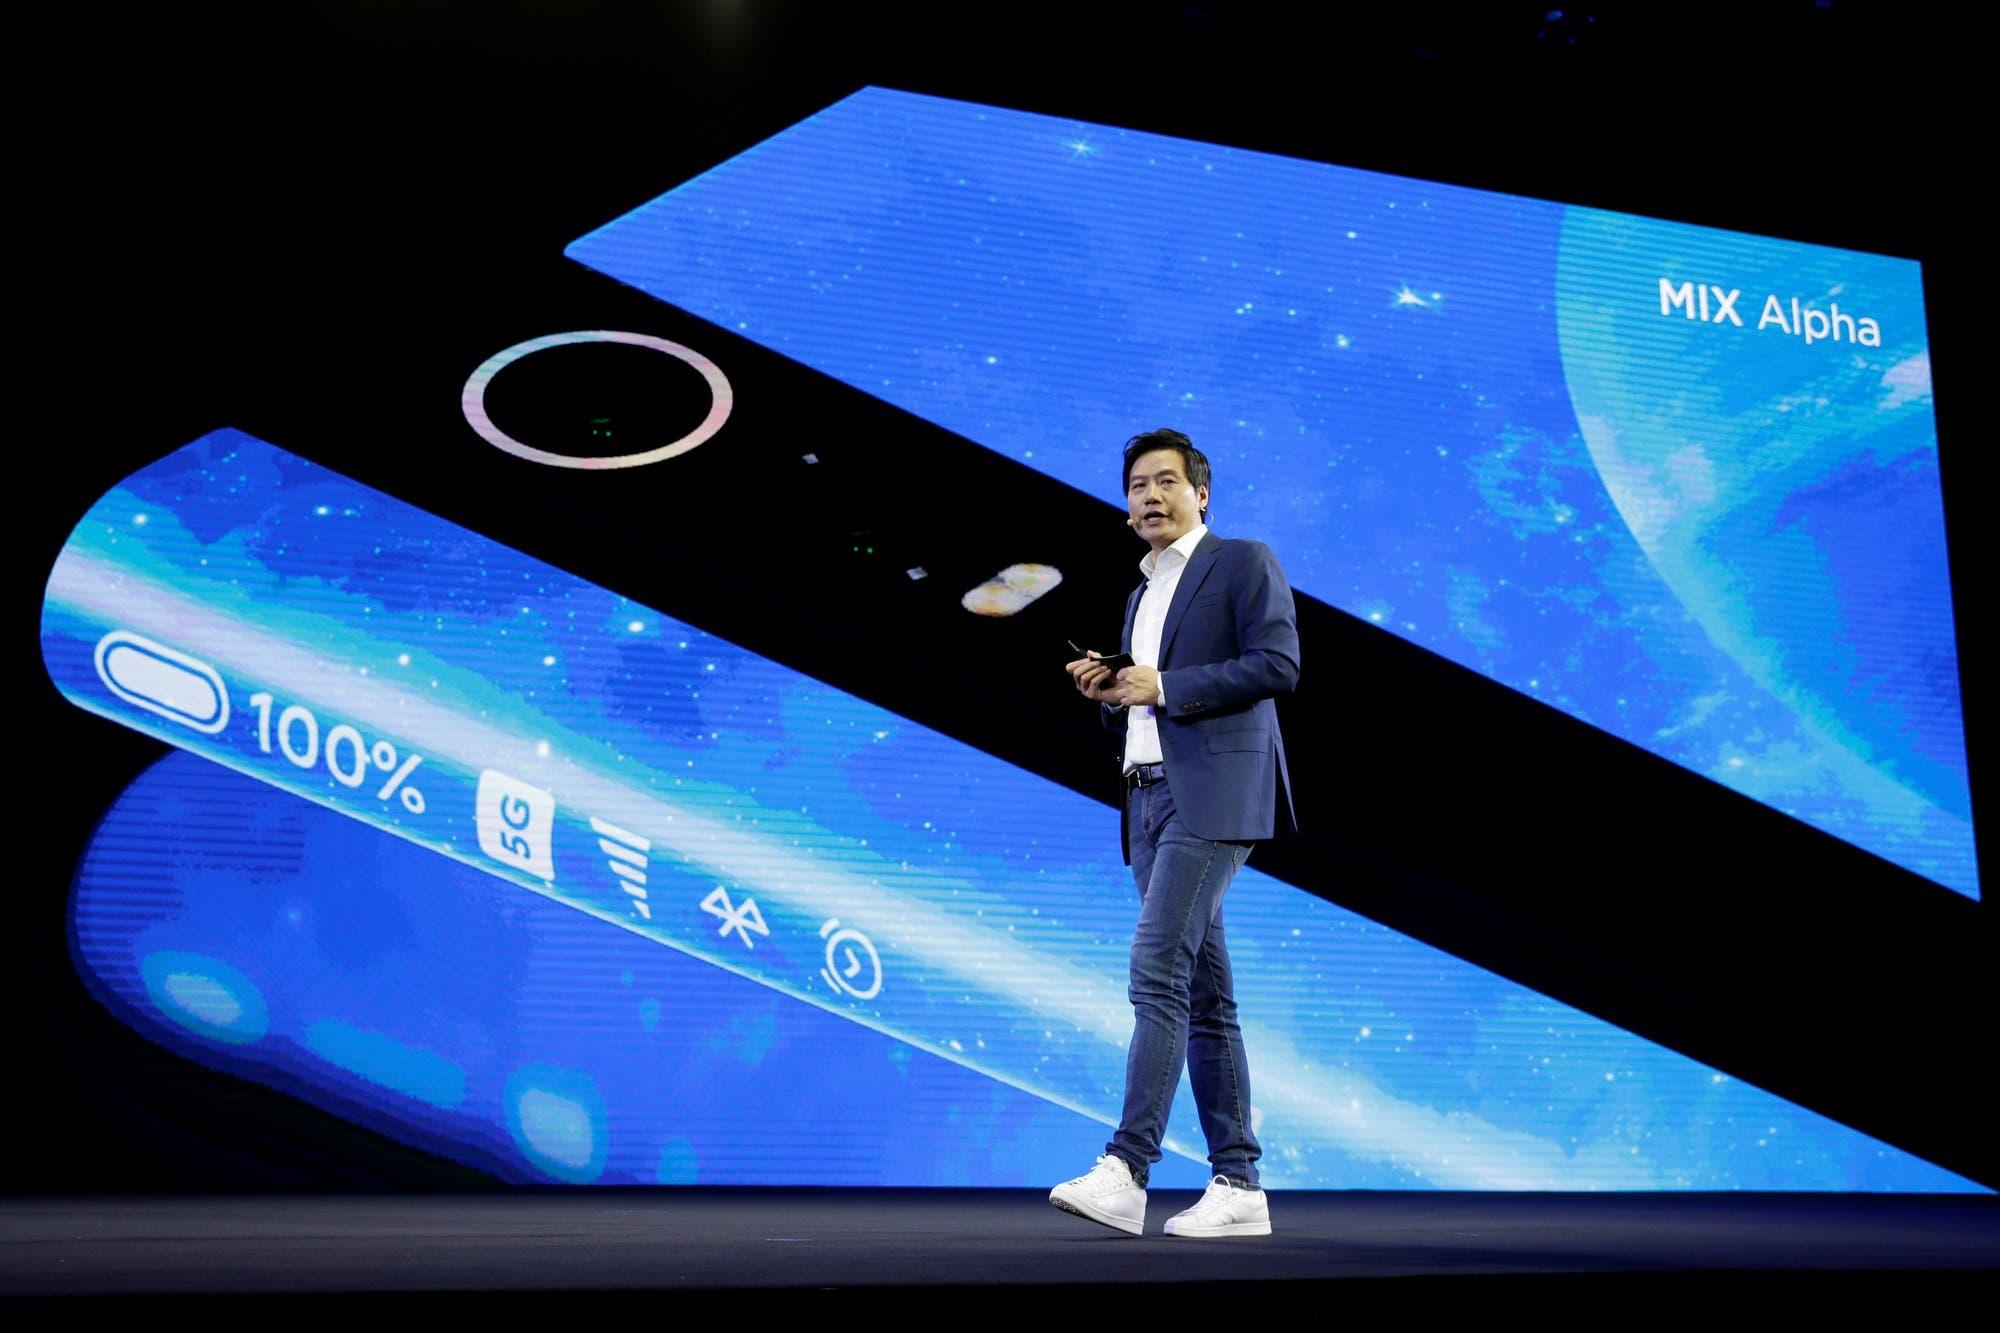 Este es el Xiaomi Mi Mix Alpha, el teléfono con pantalla extendida y cámara de 108 megapixeles